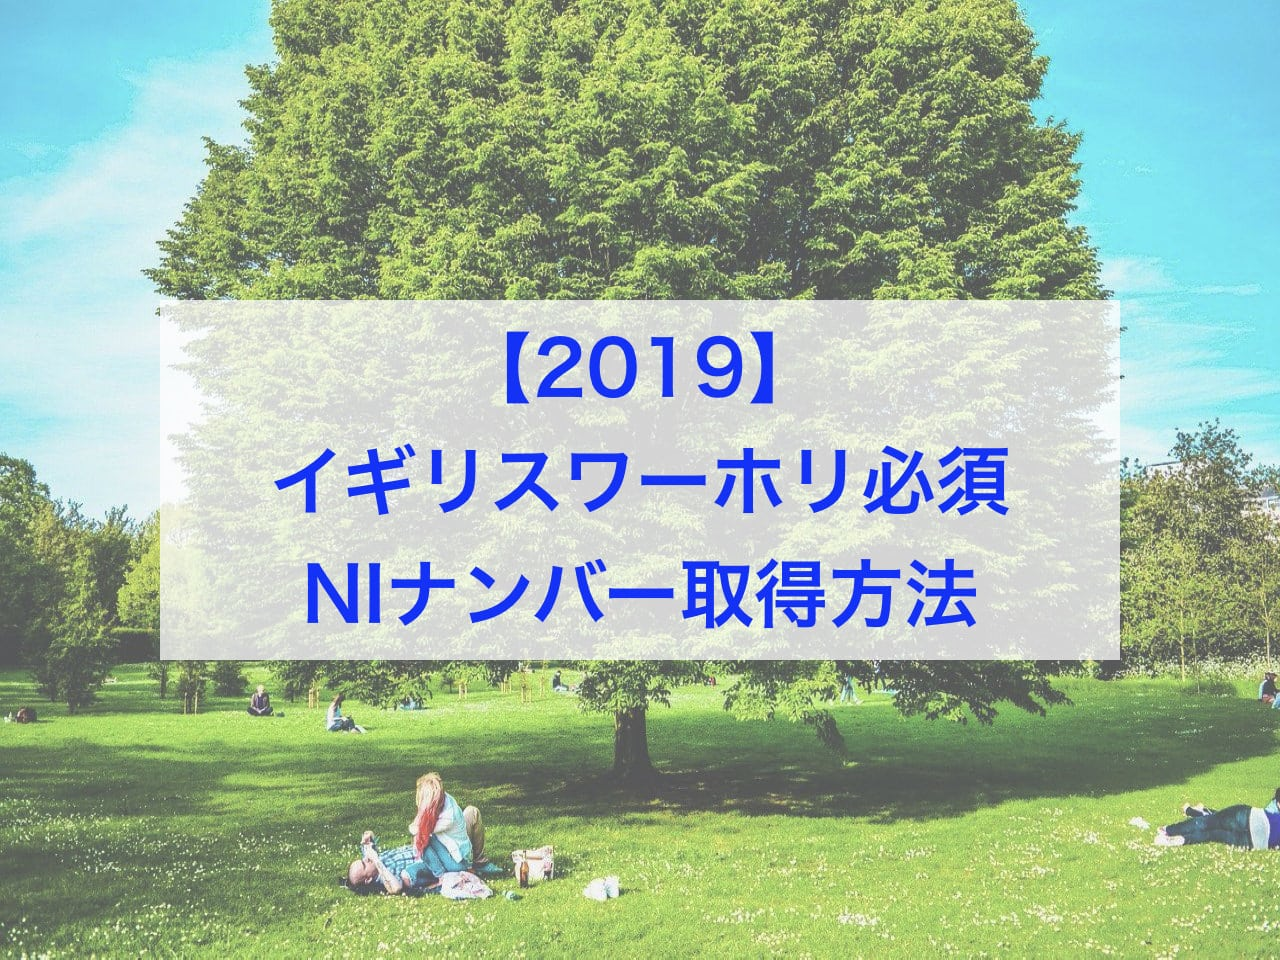 2020_05 minimal traveler, eyecatch, nino